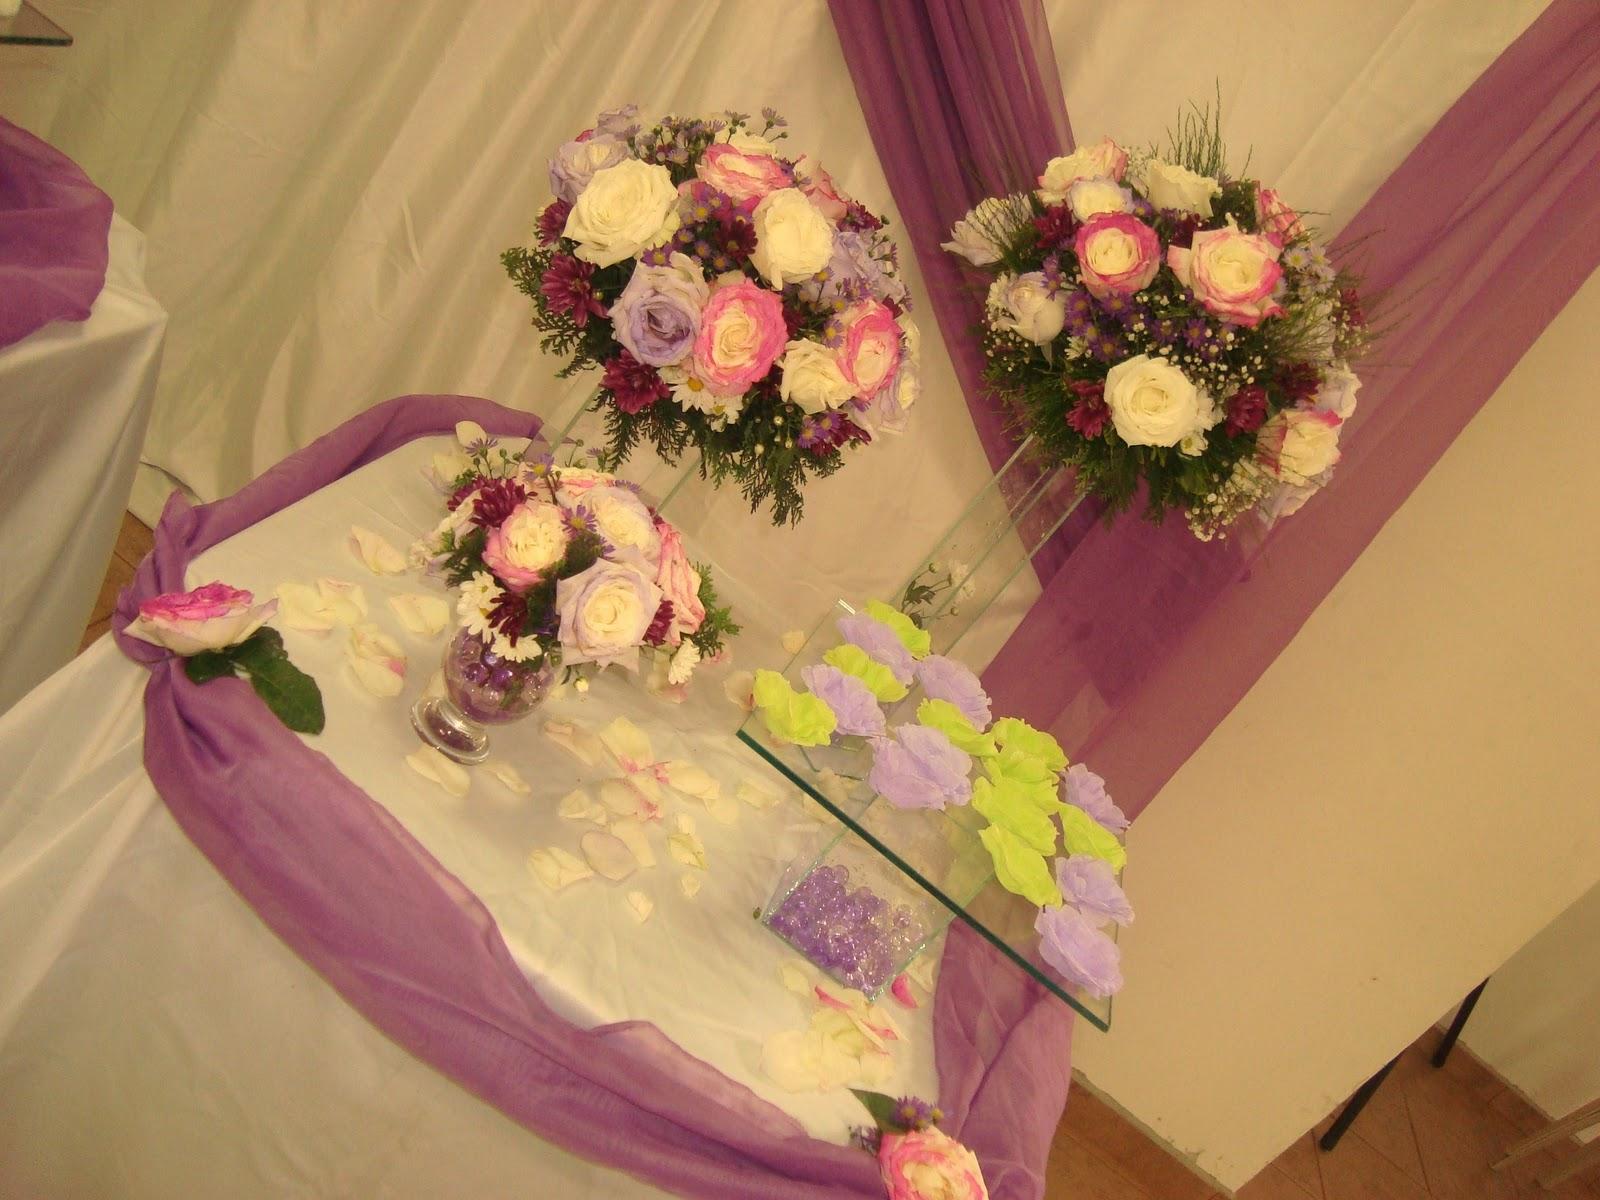 decoracao branco e lilas para casamento:Dani quer casar na igreja: Ideias de decoração com tnt: